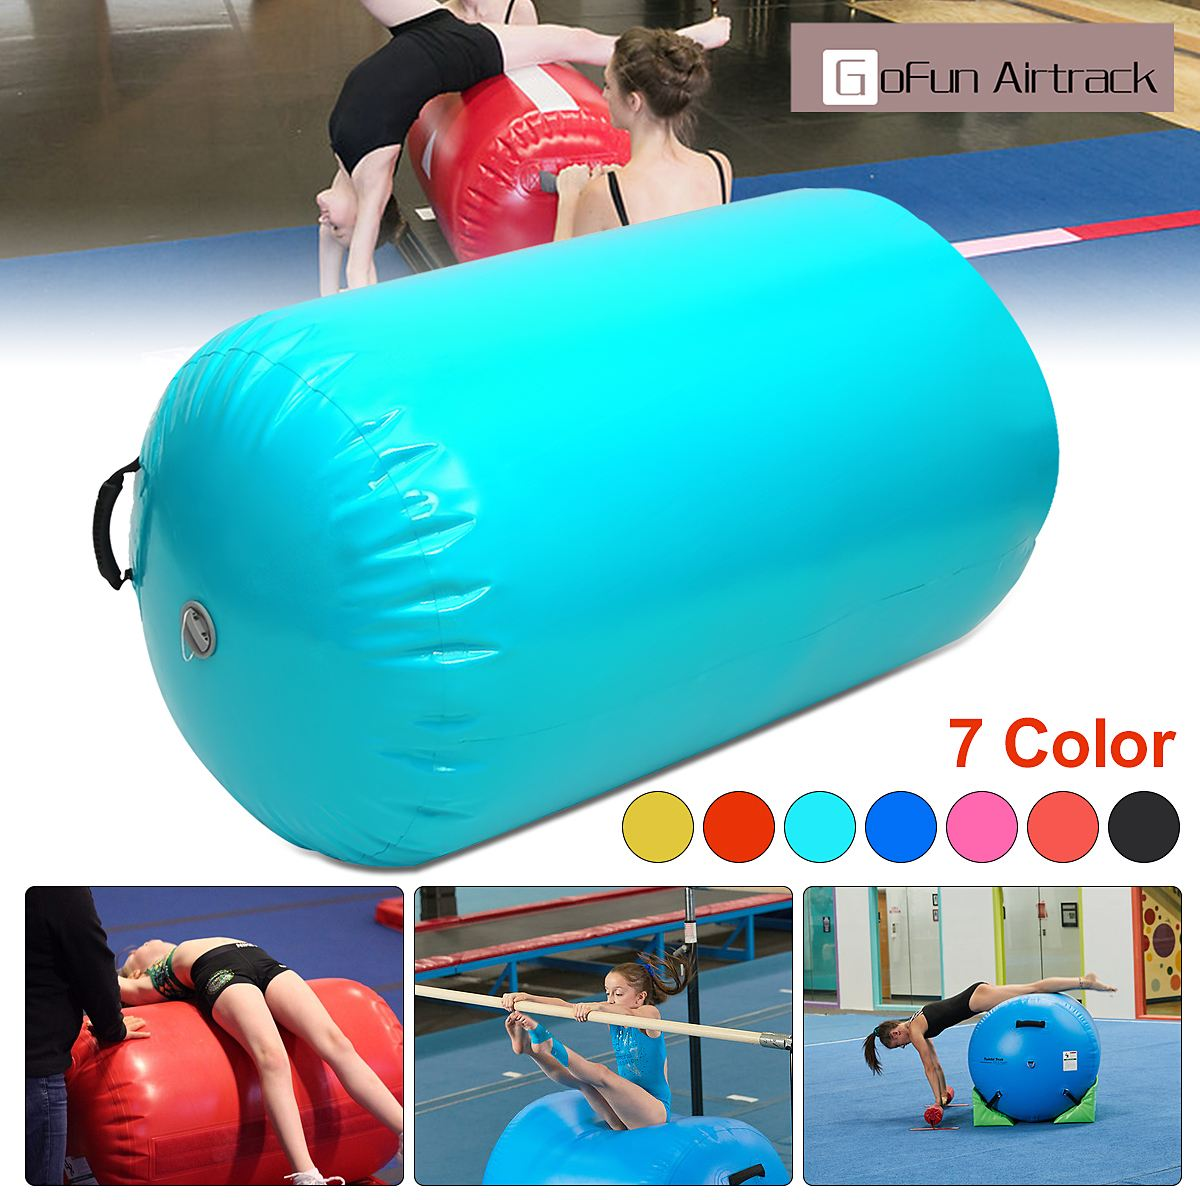 Она AirTrack цилиндр воздуха акробатика трек гимнастические Колонка надувные тренажерный зал перевернутый Backflip обучения детей безопасный ...